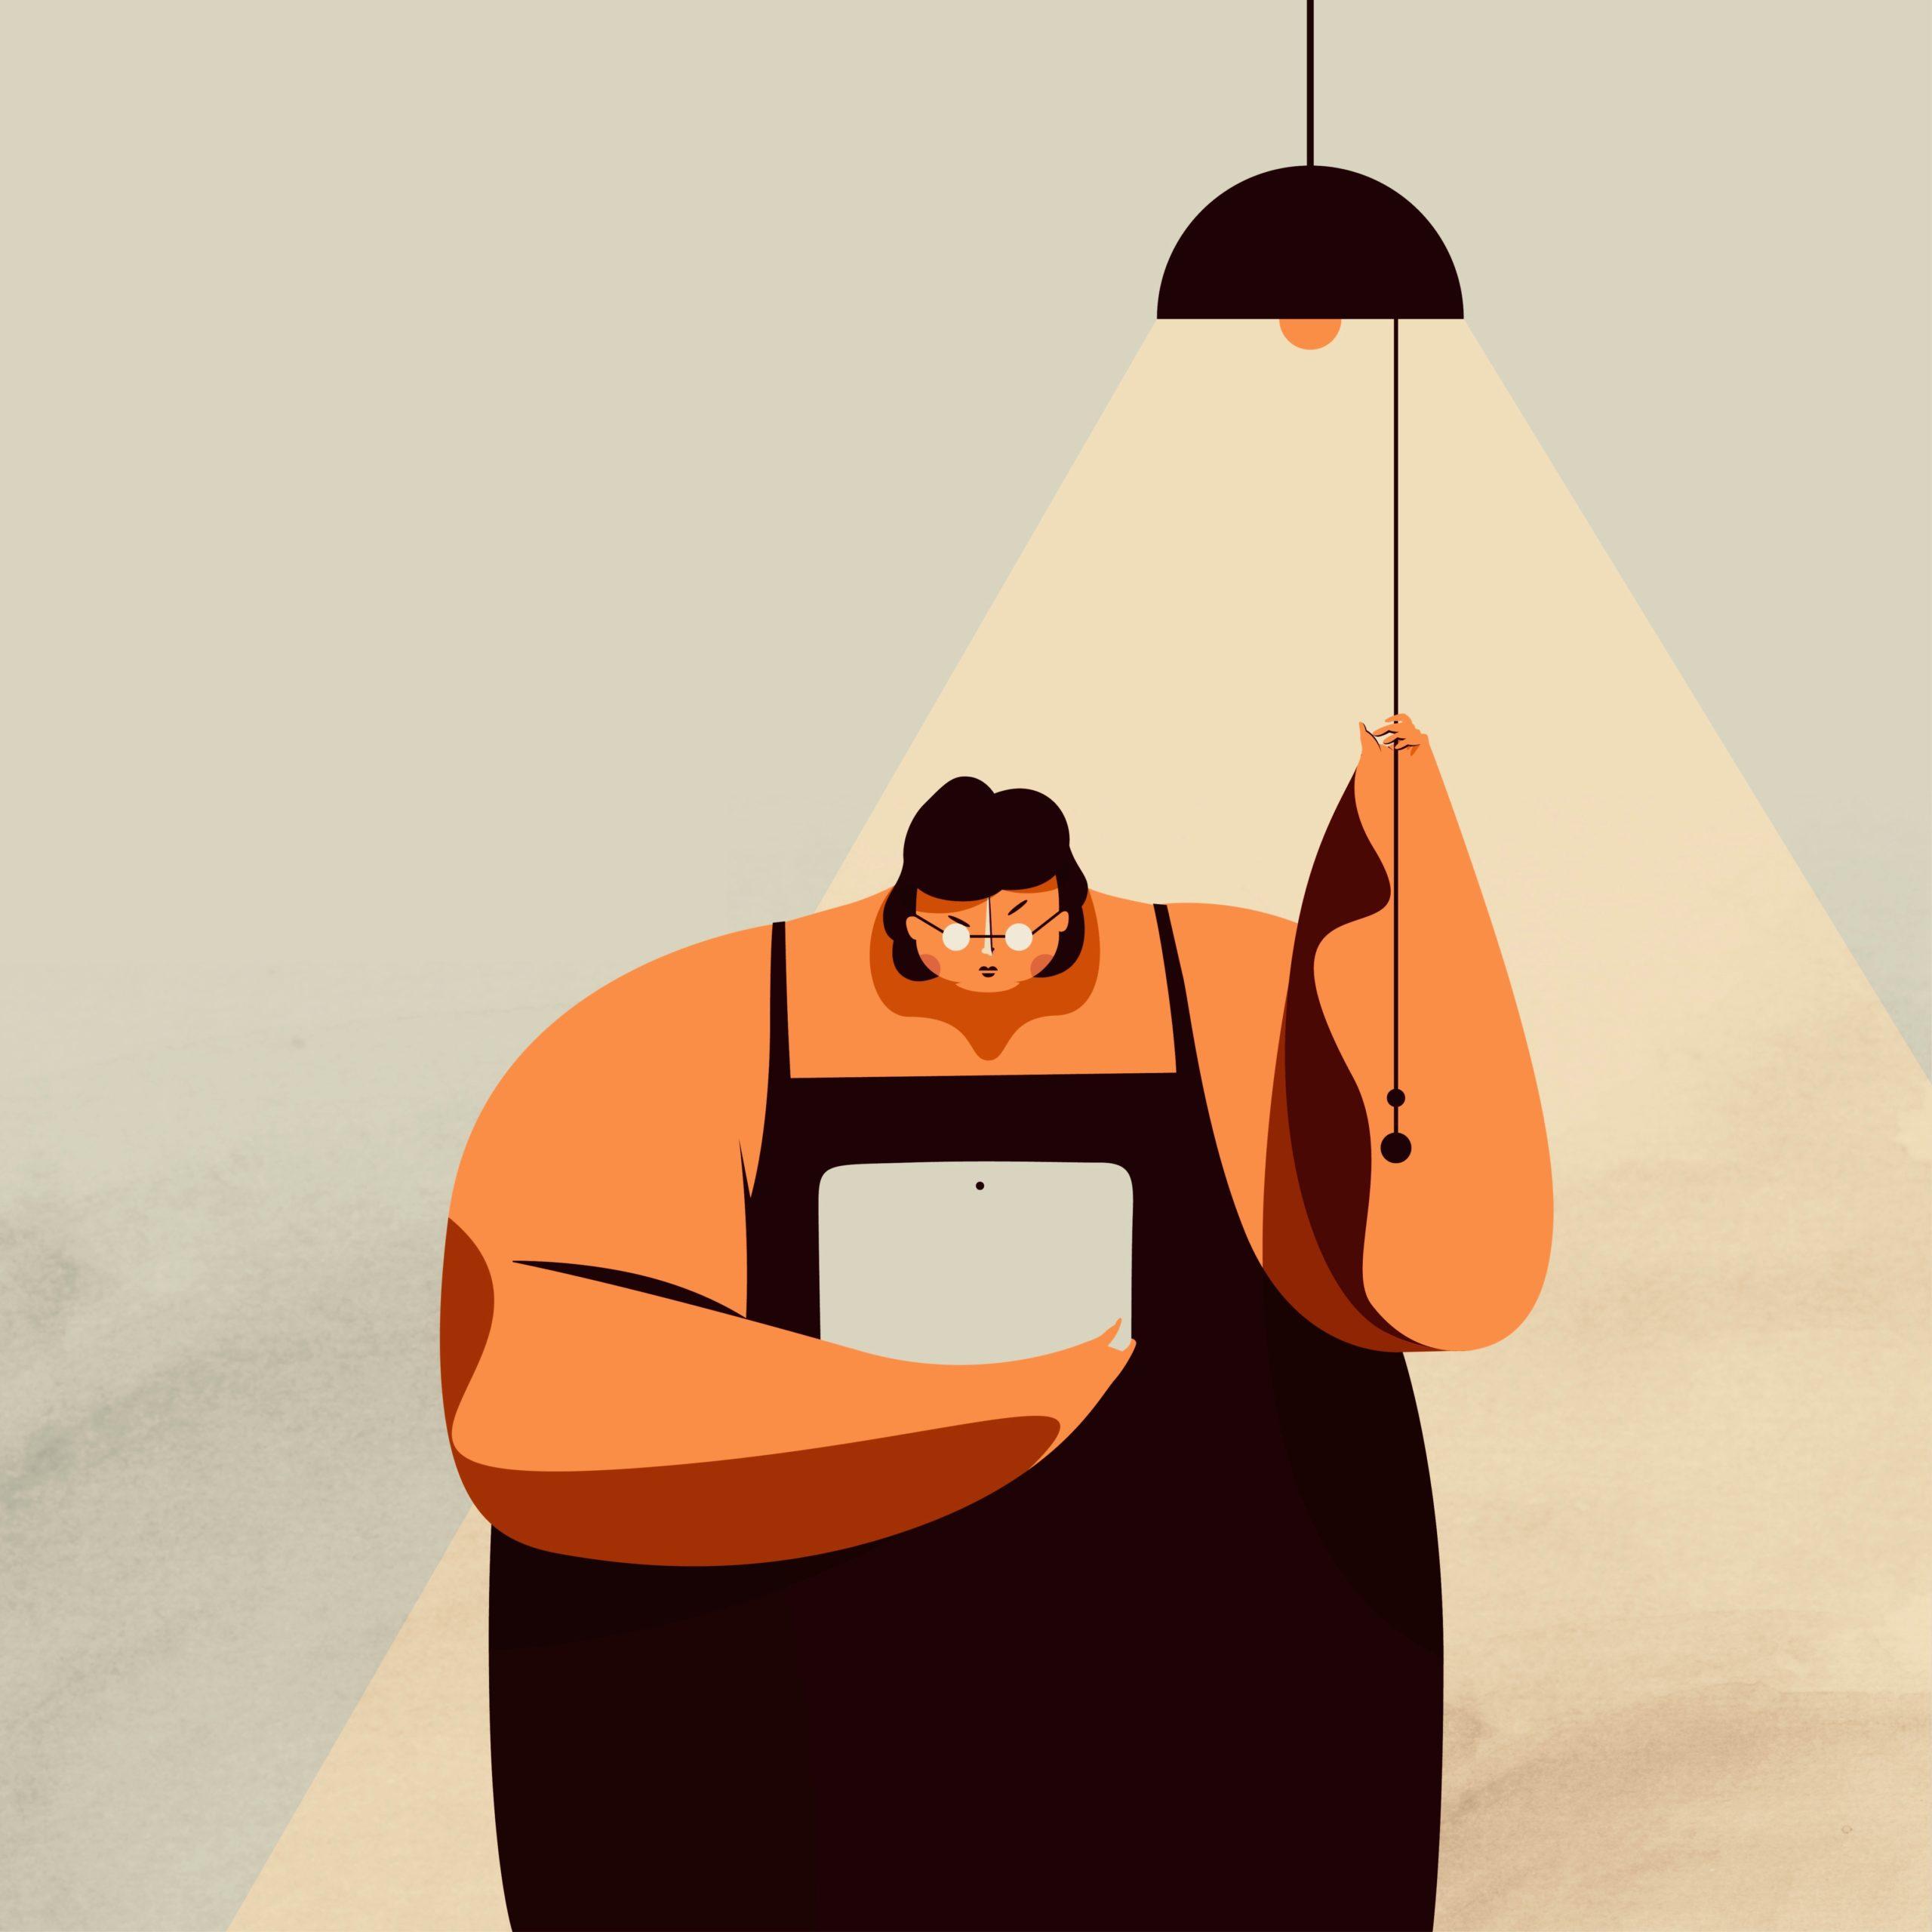 Ahorrar energía. Periodismo de Barrio. Ilustración de Monkc.